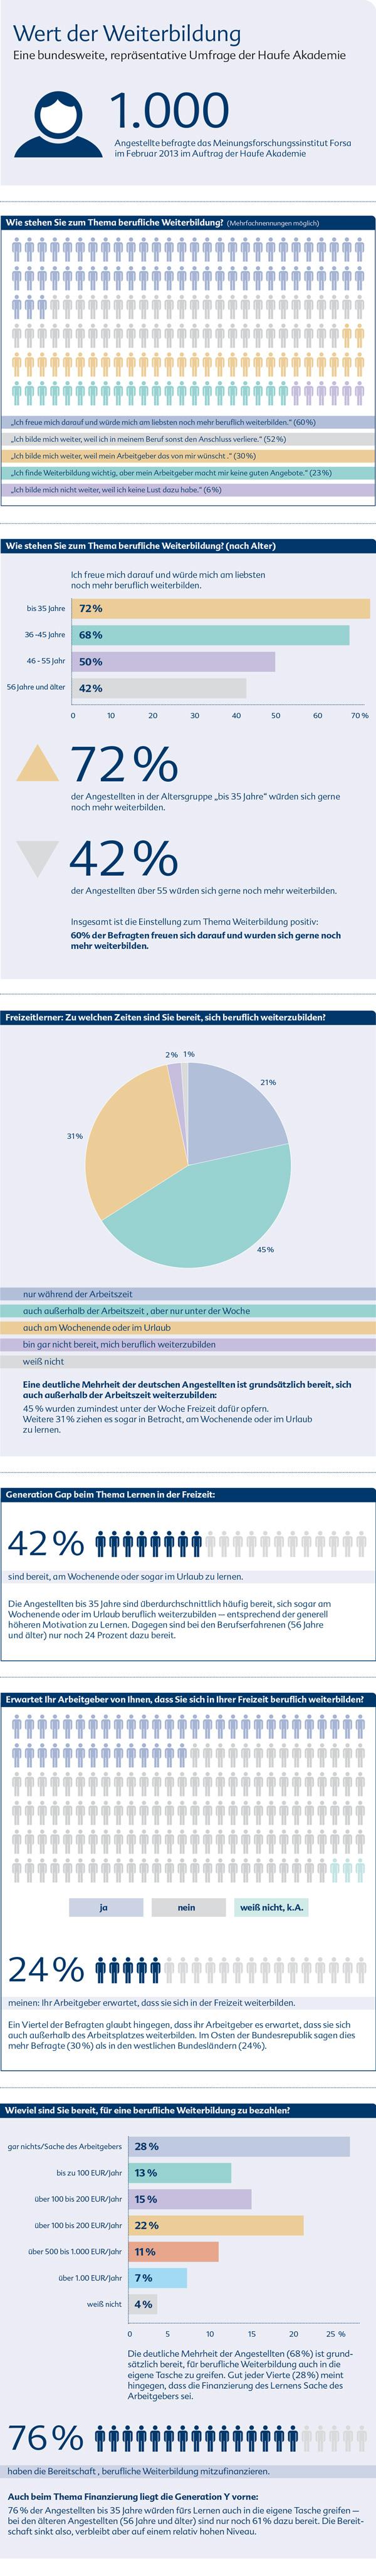 infografik-wert-der-weiterbildung